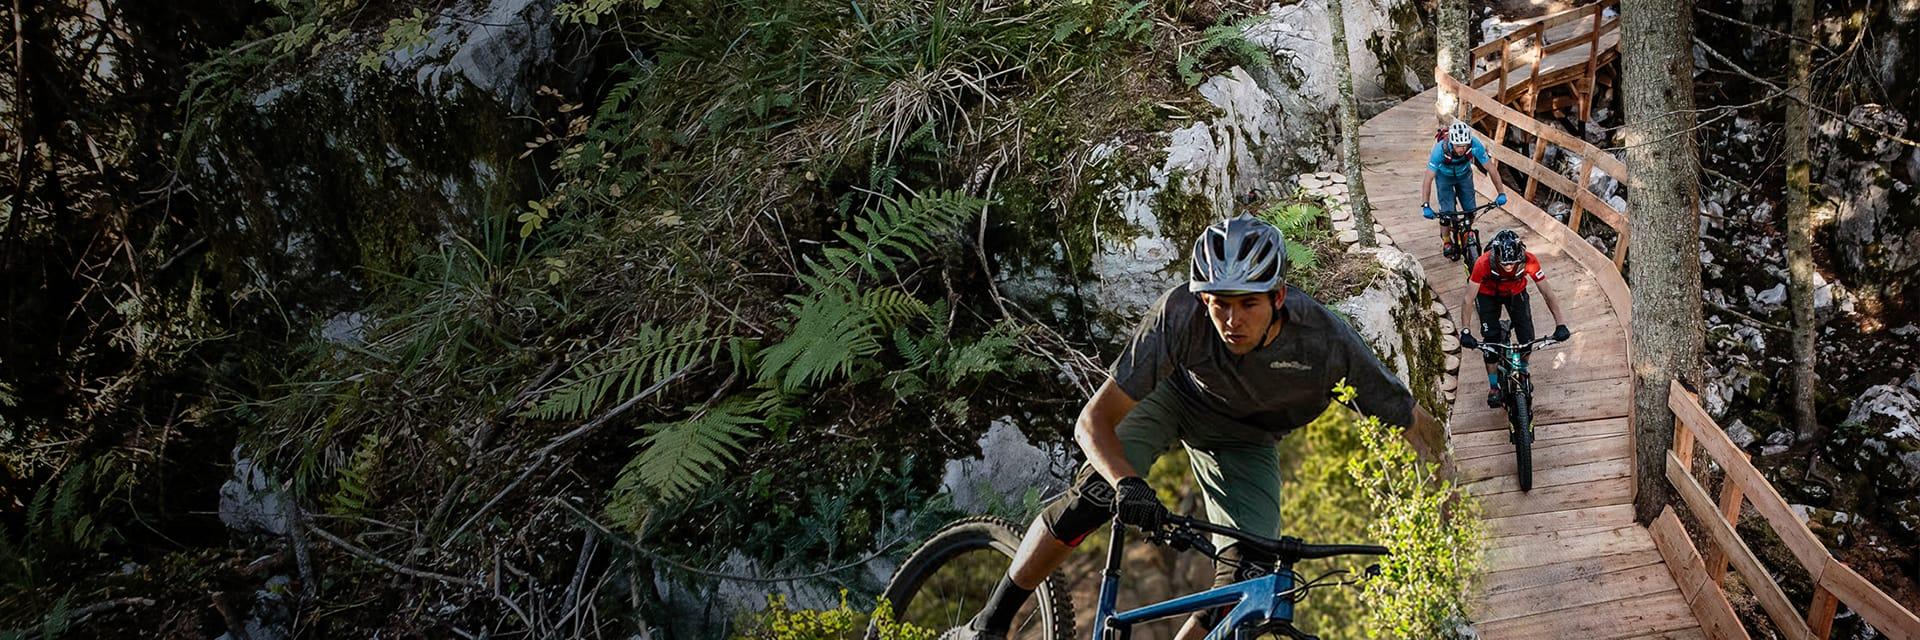 https://www.andalo.bike/sites/default/files/revslider/image/slider-home-page-02.jpg